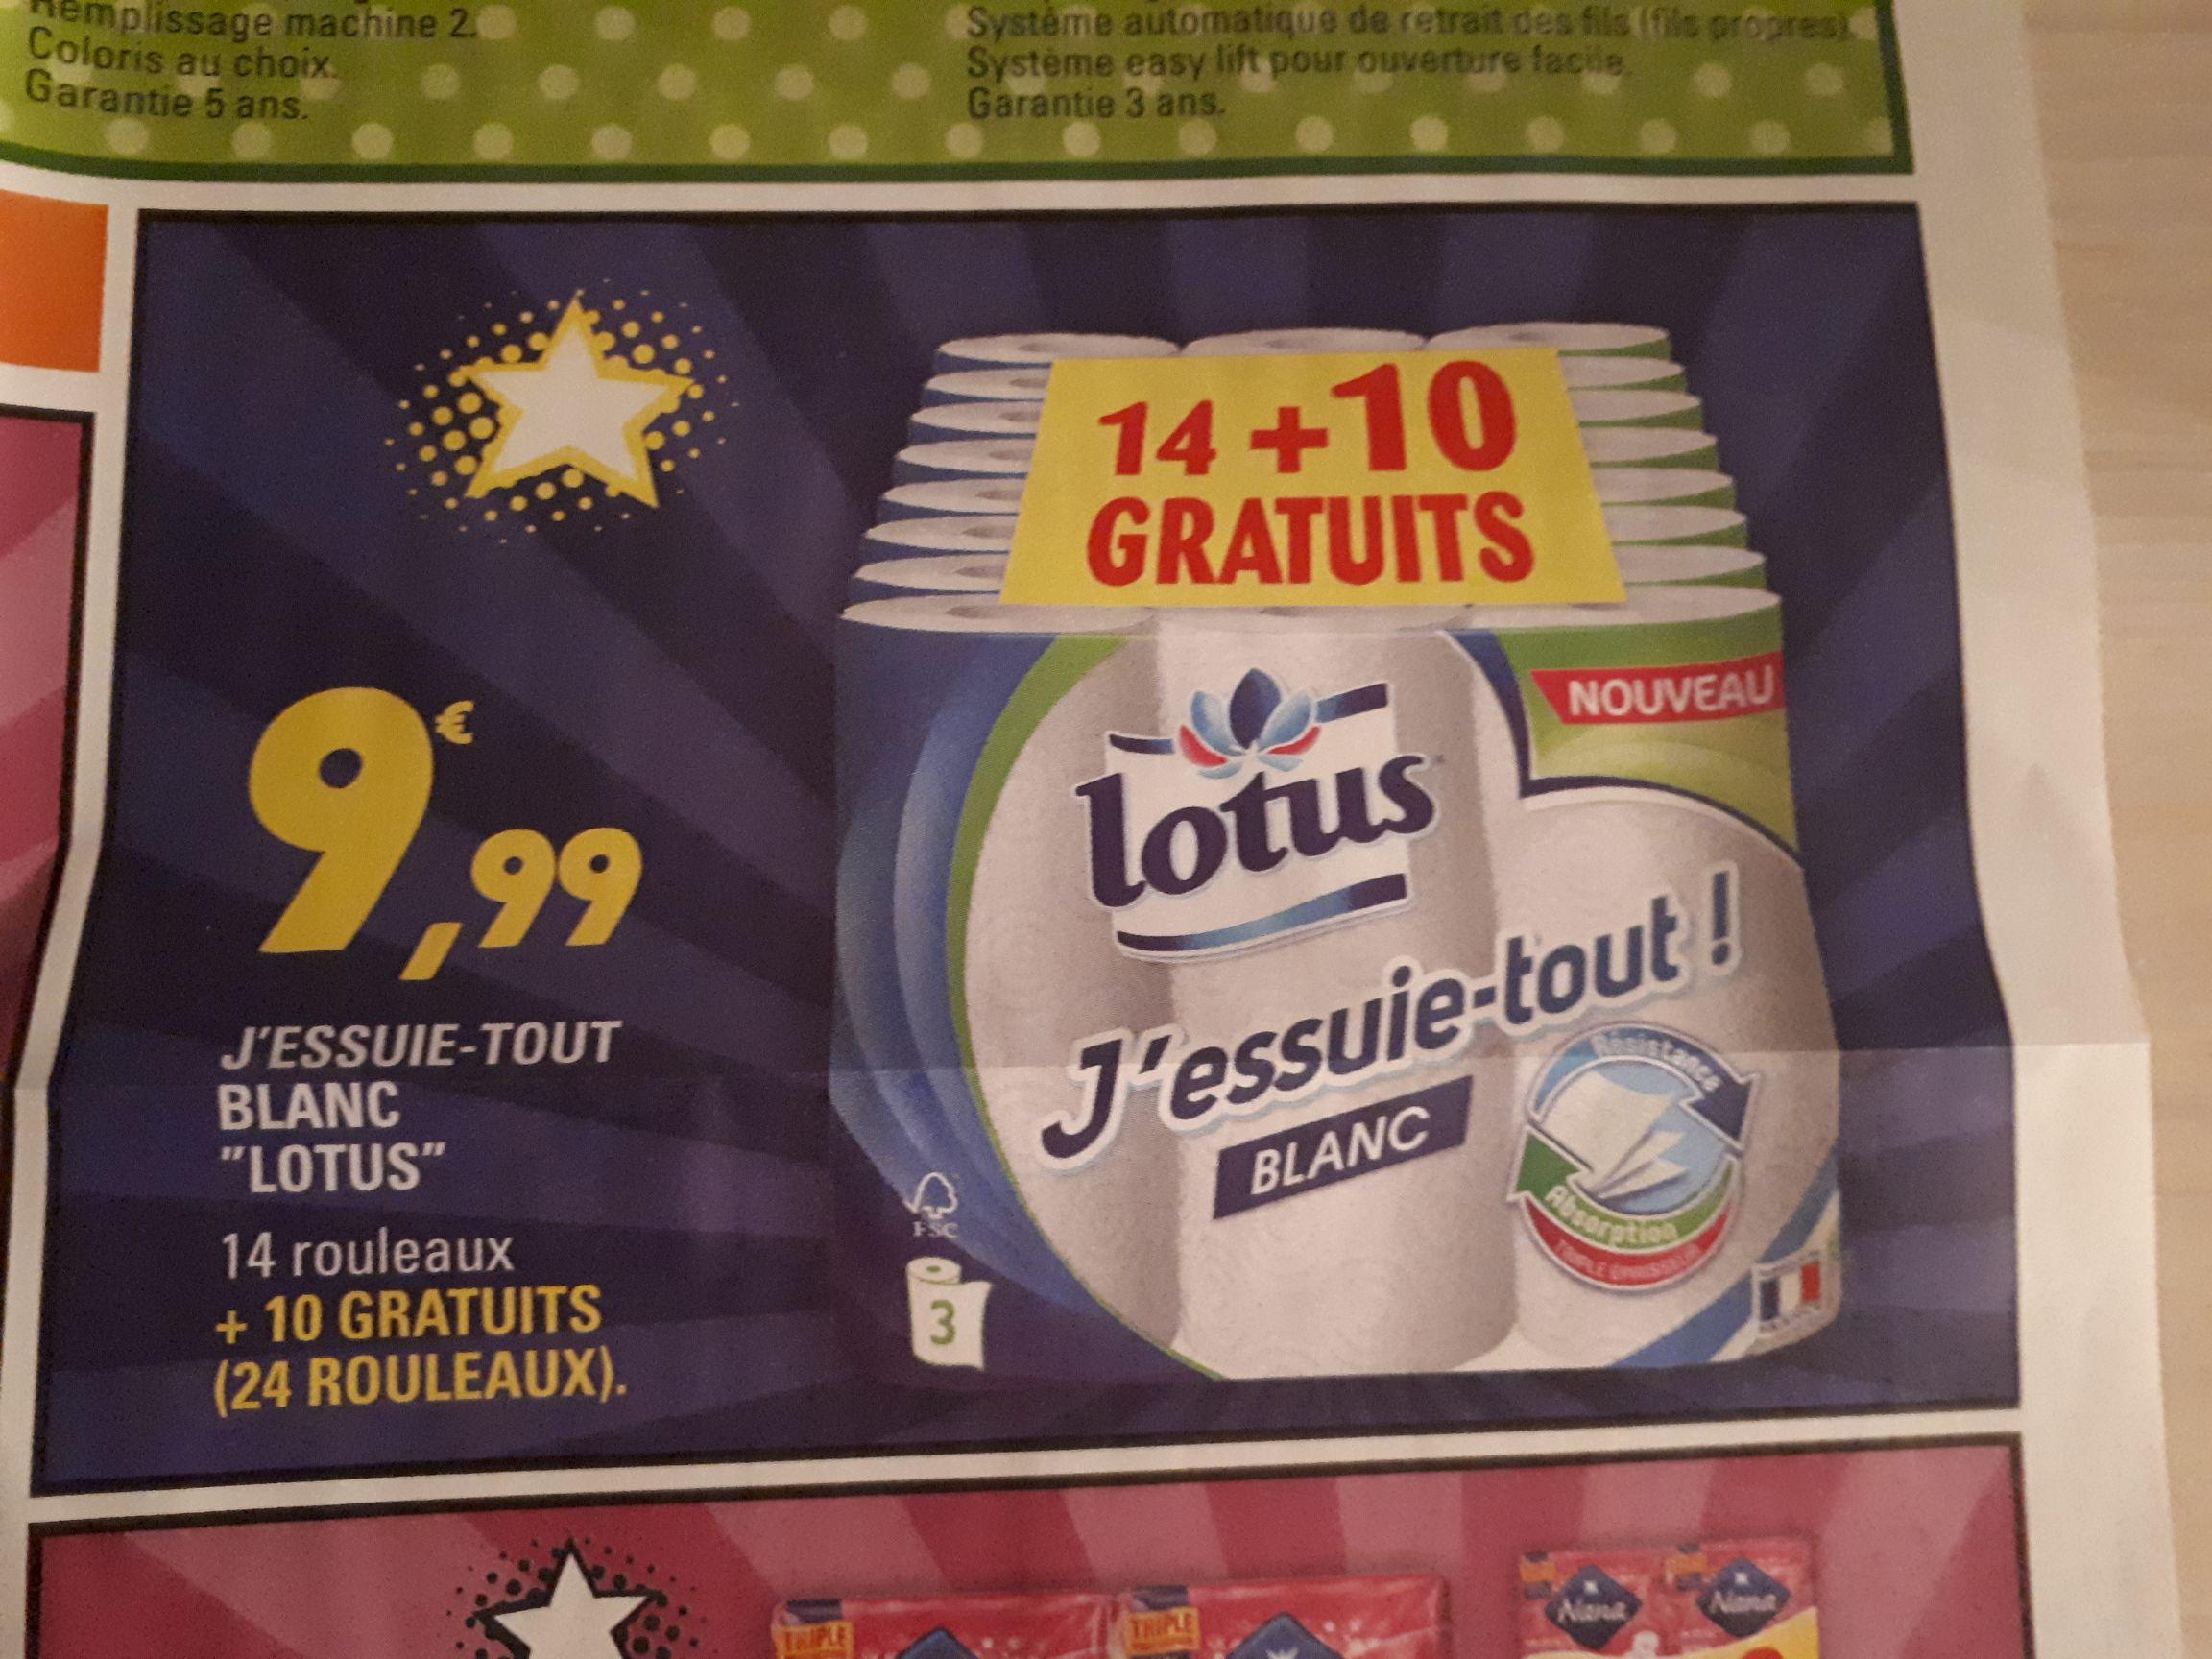 Sélection d'articles en promotion - Ex: Lot de 24 Rouleaux d'Essuie-tout Lotus - Leclerc Ile-de-France